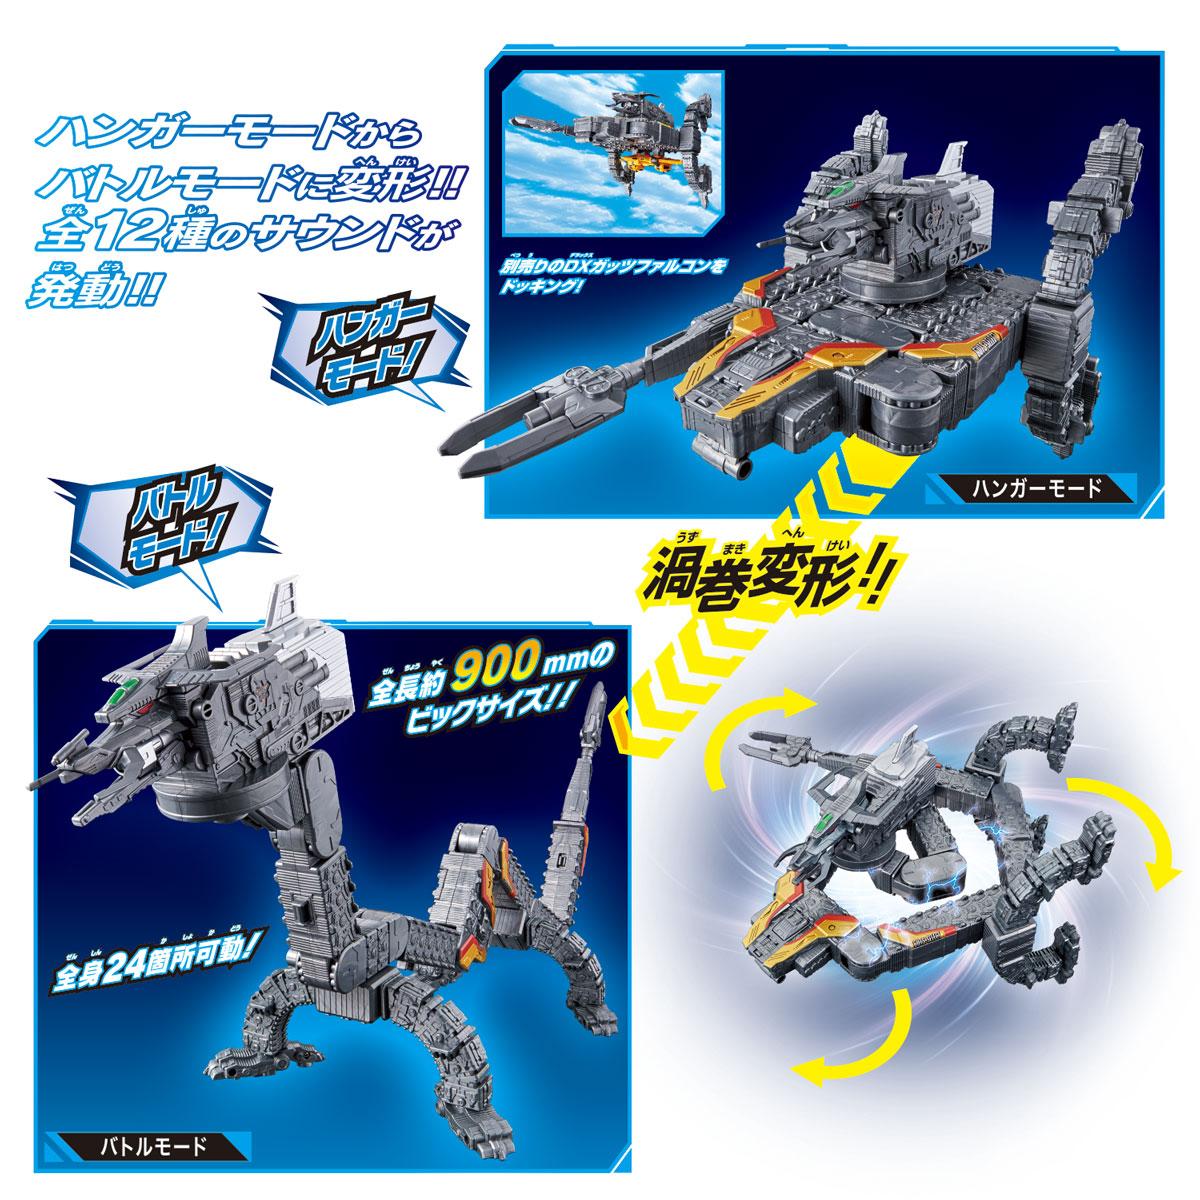 ウルトラマントリガー『渦巻変形 DXナースデッセイ号』可変可動フィギュア-004